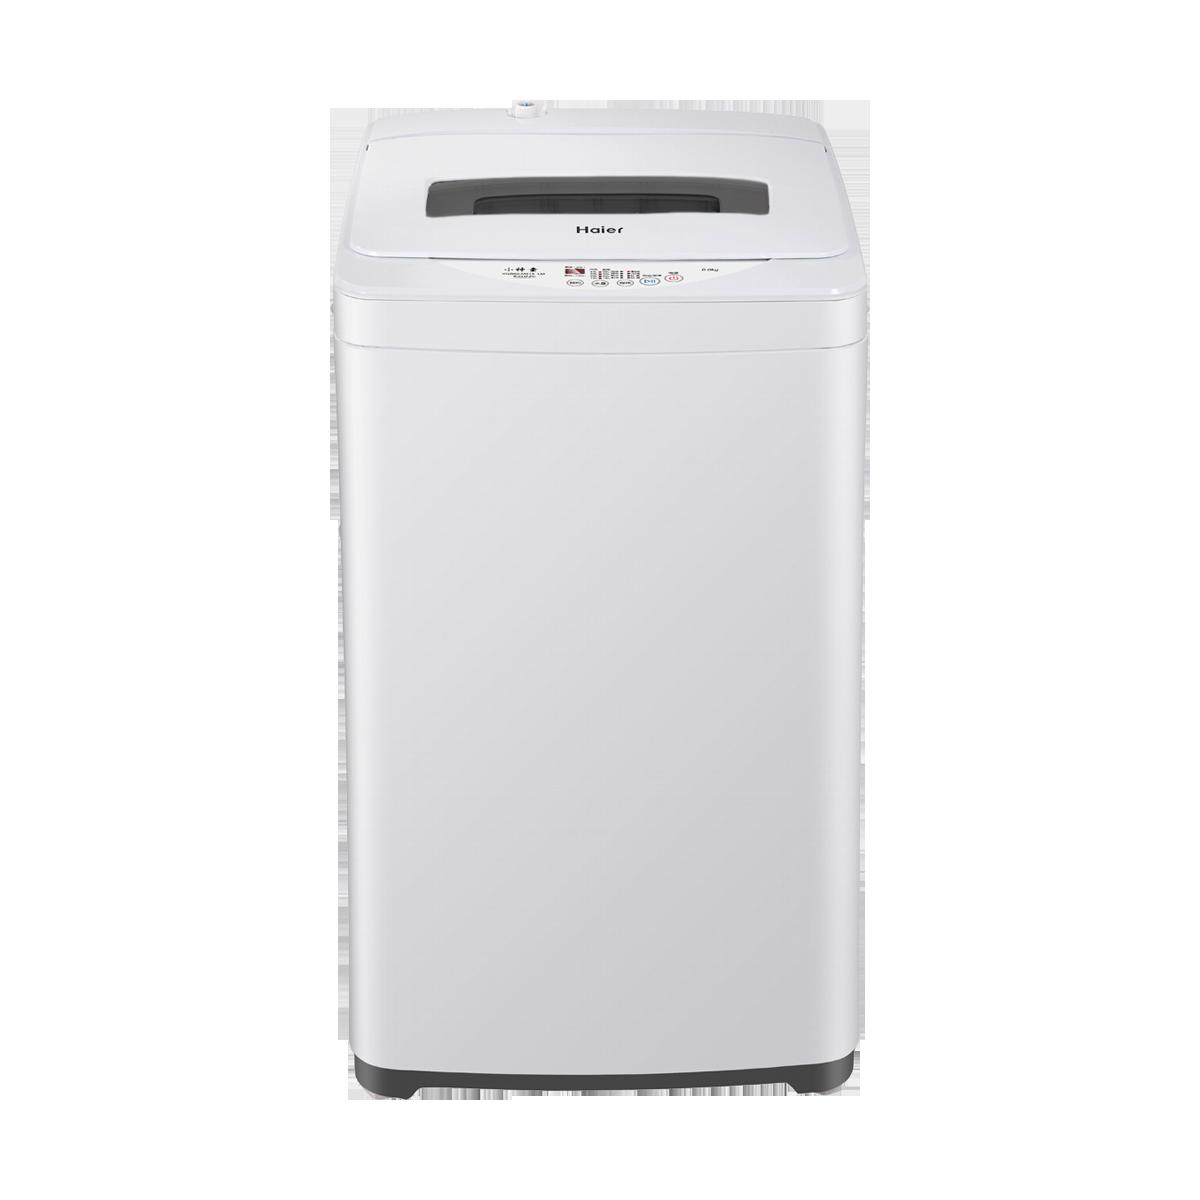 海尔Haier洗衣机 XQB60-M918(LM) 说明书